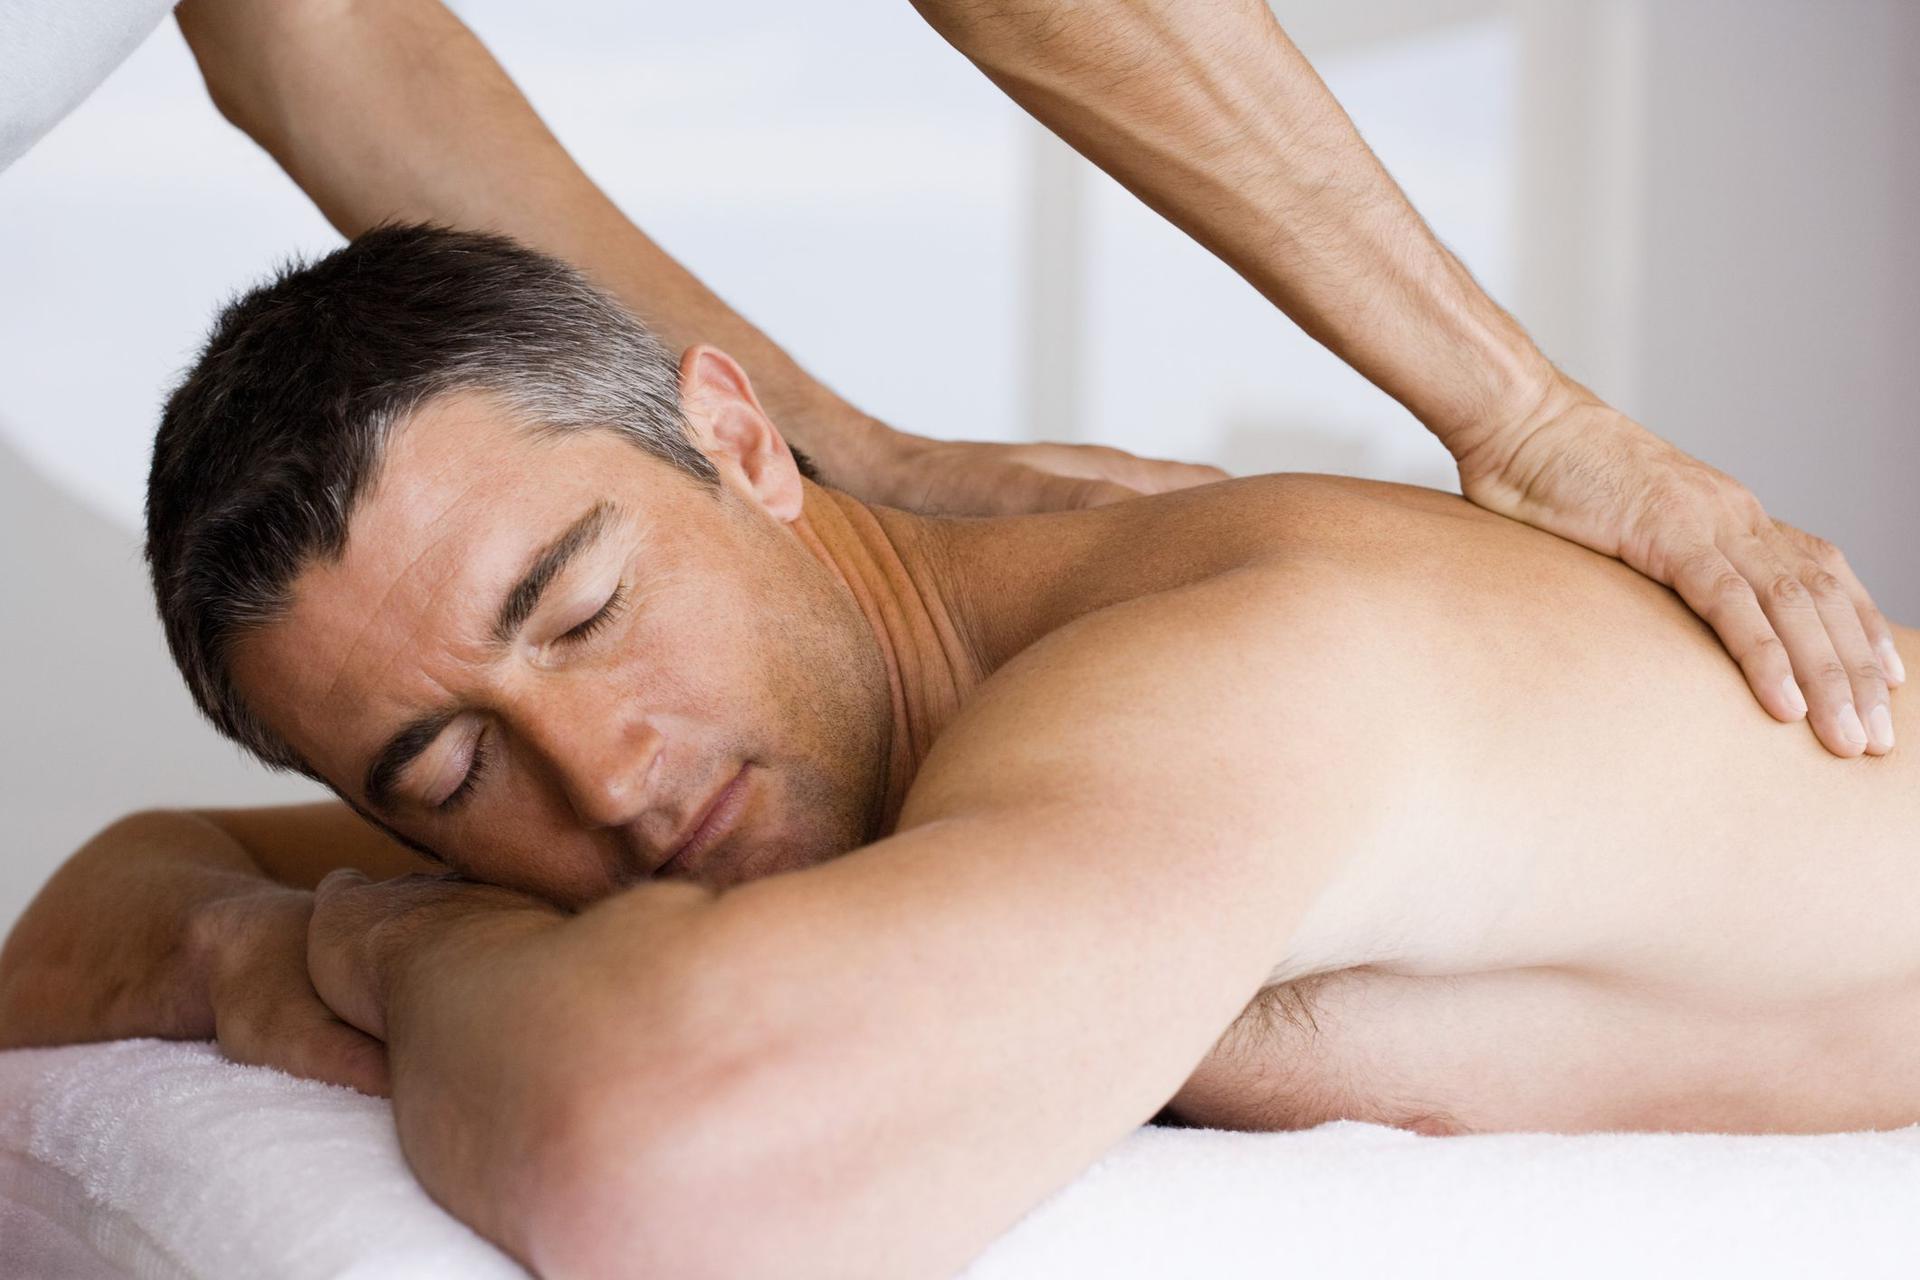 masaż pleców prowadzi do seksu darmowe czarne owłosione cipki com